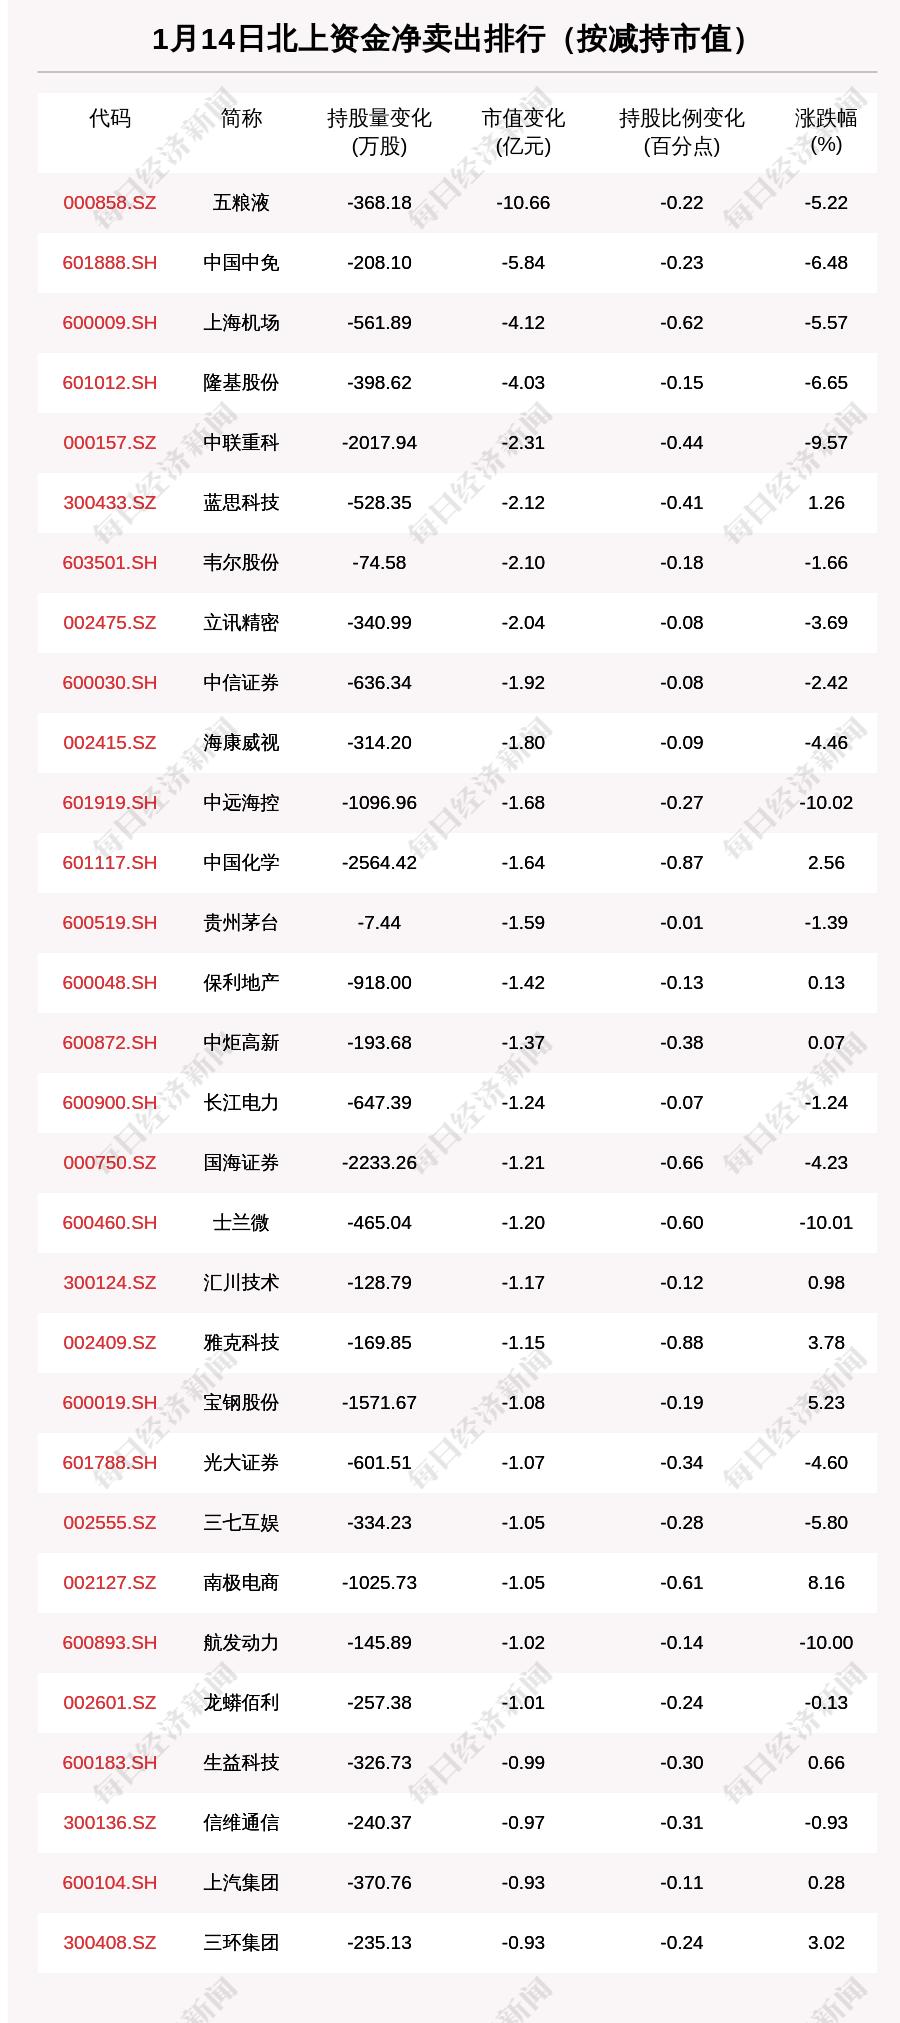 北向资金动向曝光:1月14日这30只个股遭大甩卖(附名单)